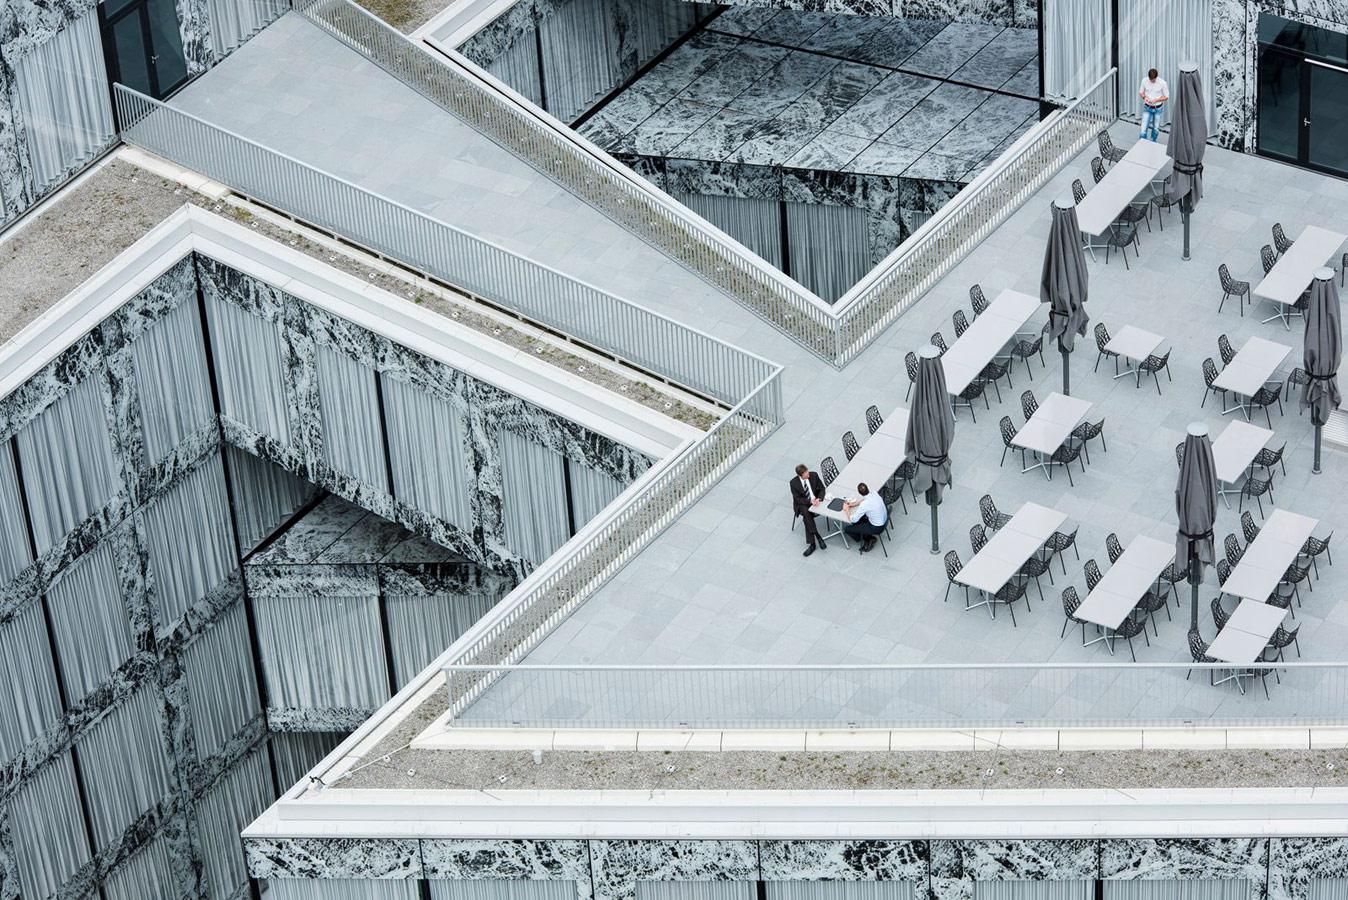 Адриен Баракат, Швейцария / Adrien Barakat, Switzerland, 2-е место в категории «Архитектура и городское пространство», Фотоконкурс Siena International Photography Awards